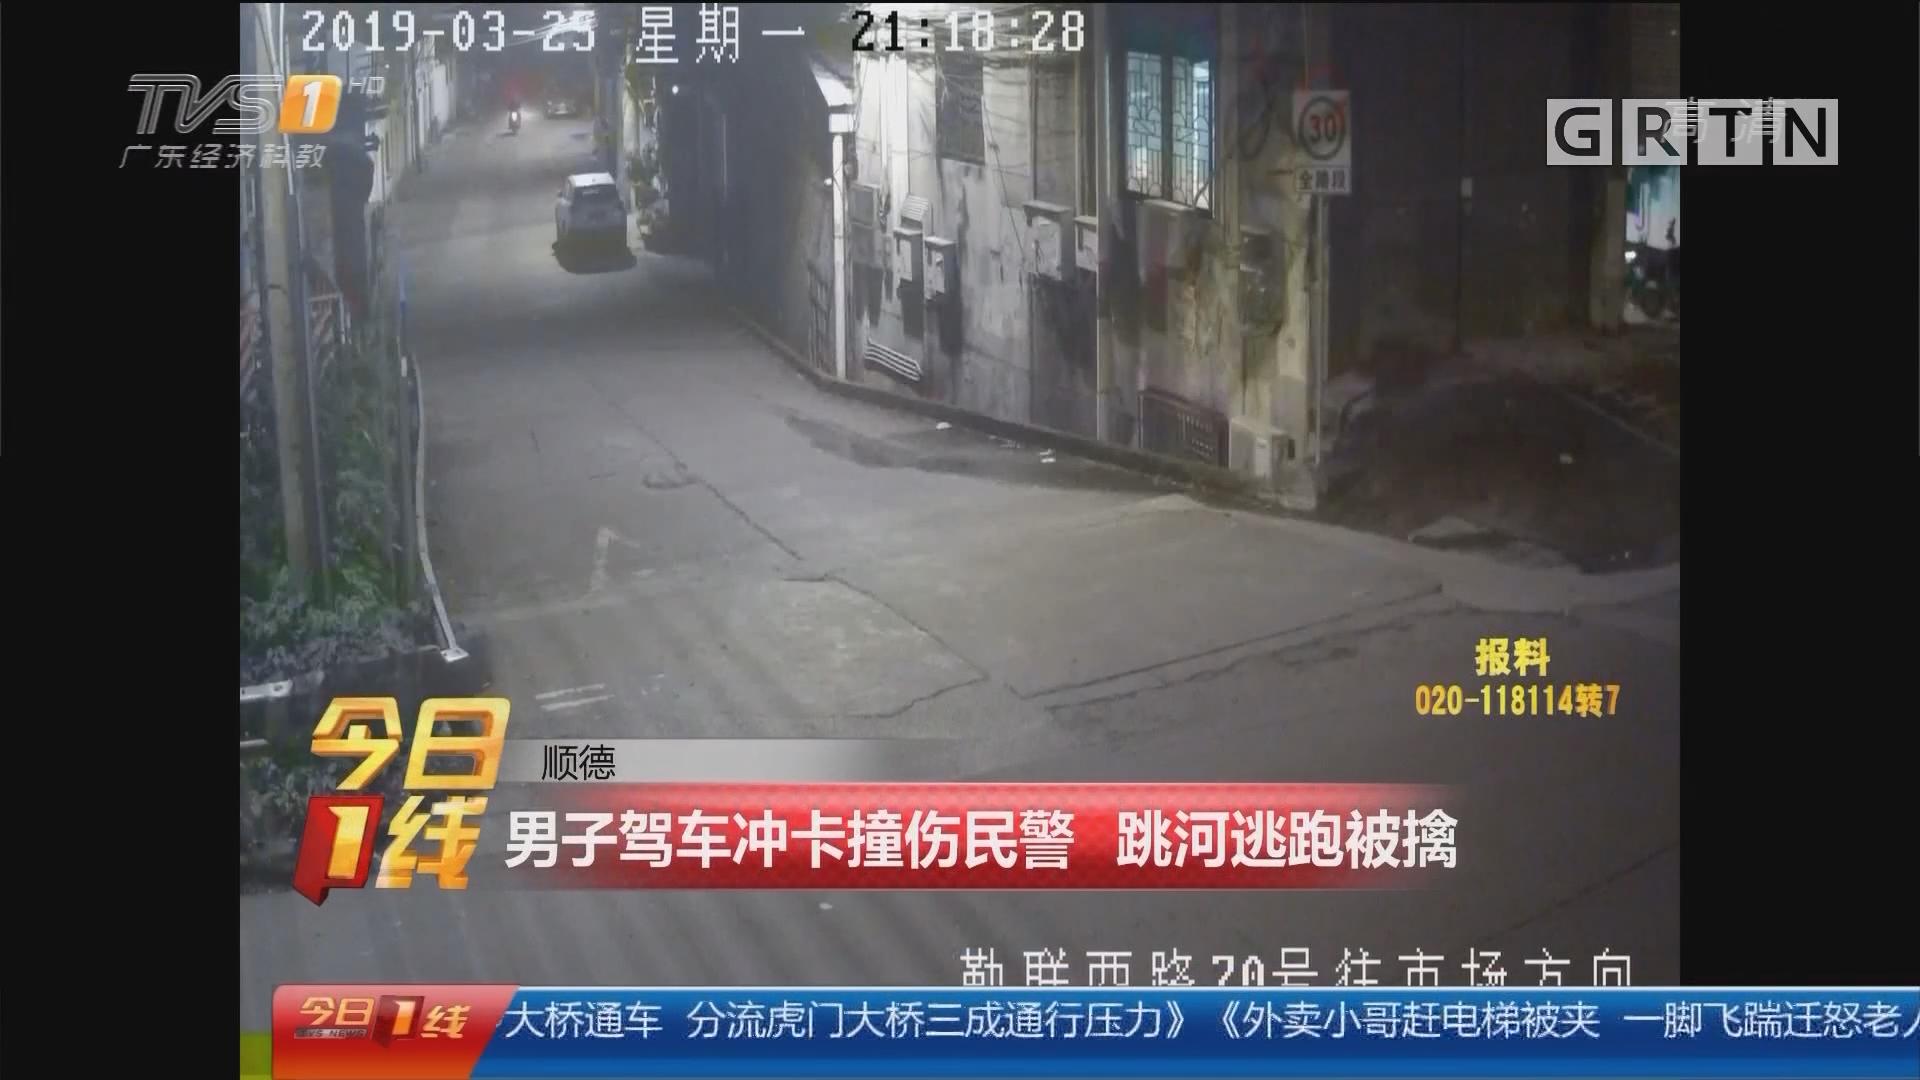 顺德:男子驾车冲卡撞伤民警 跳河逃跑被擒